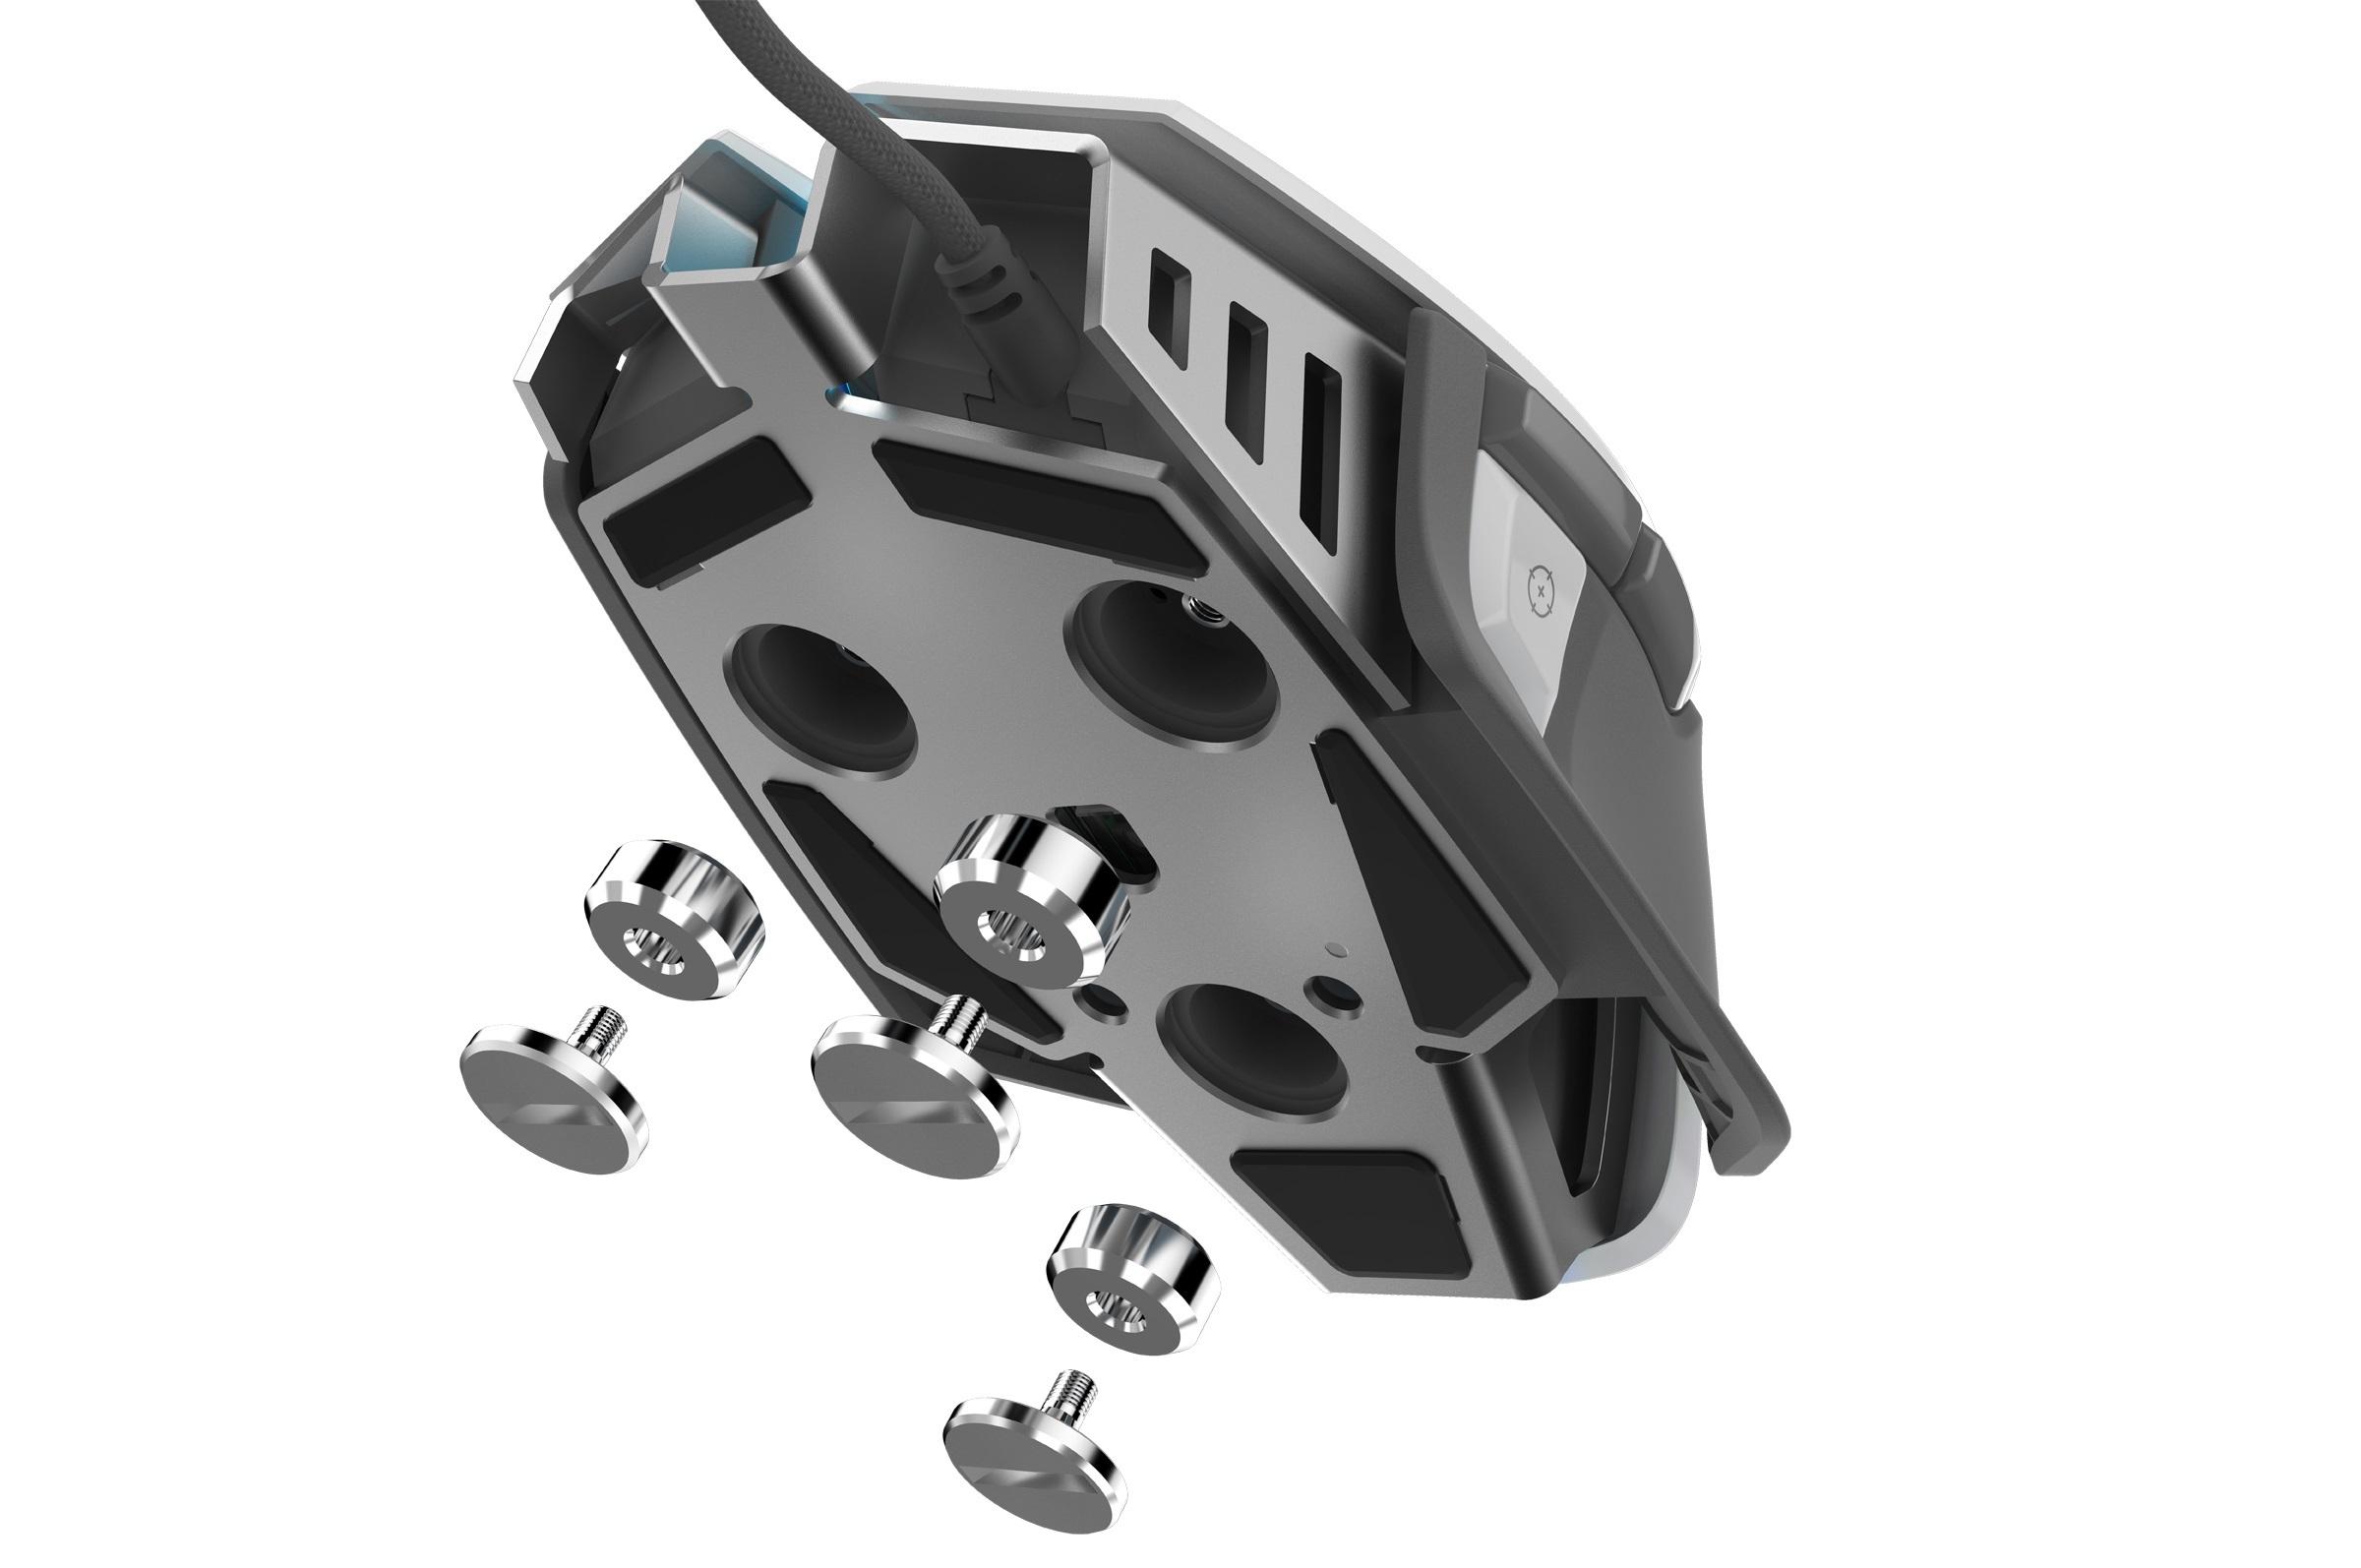 Chuột Corsair M65 ELITE Tunable FPS - White Grey - Hàng Chính Hãng